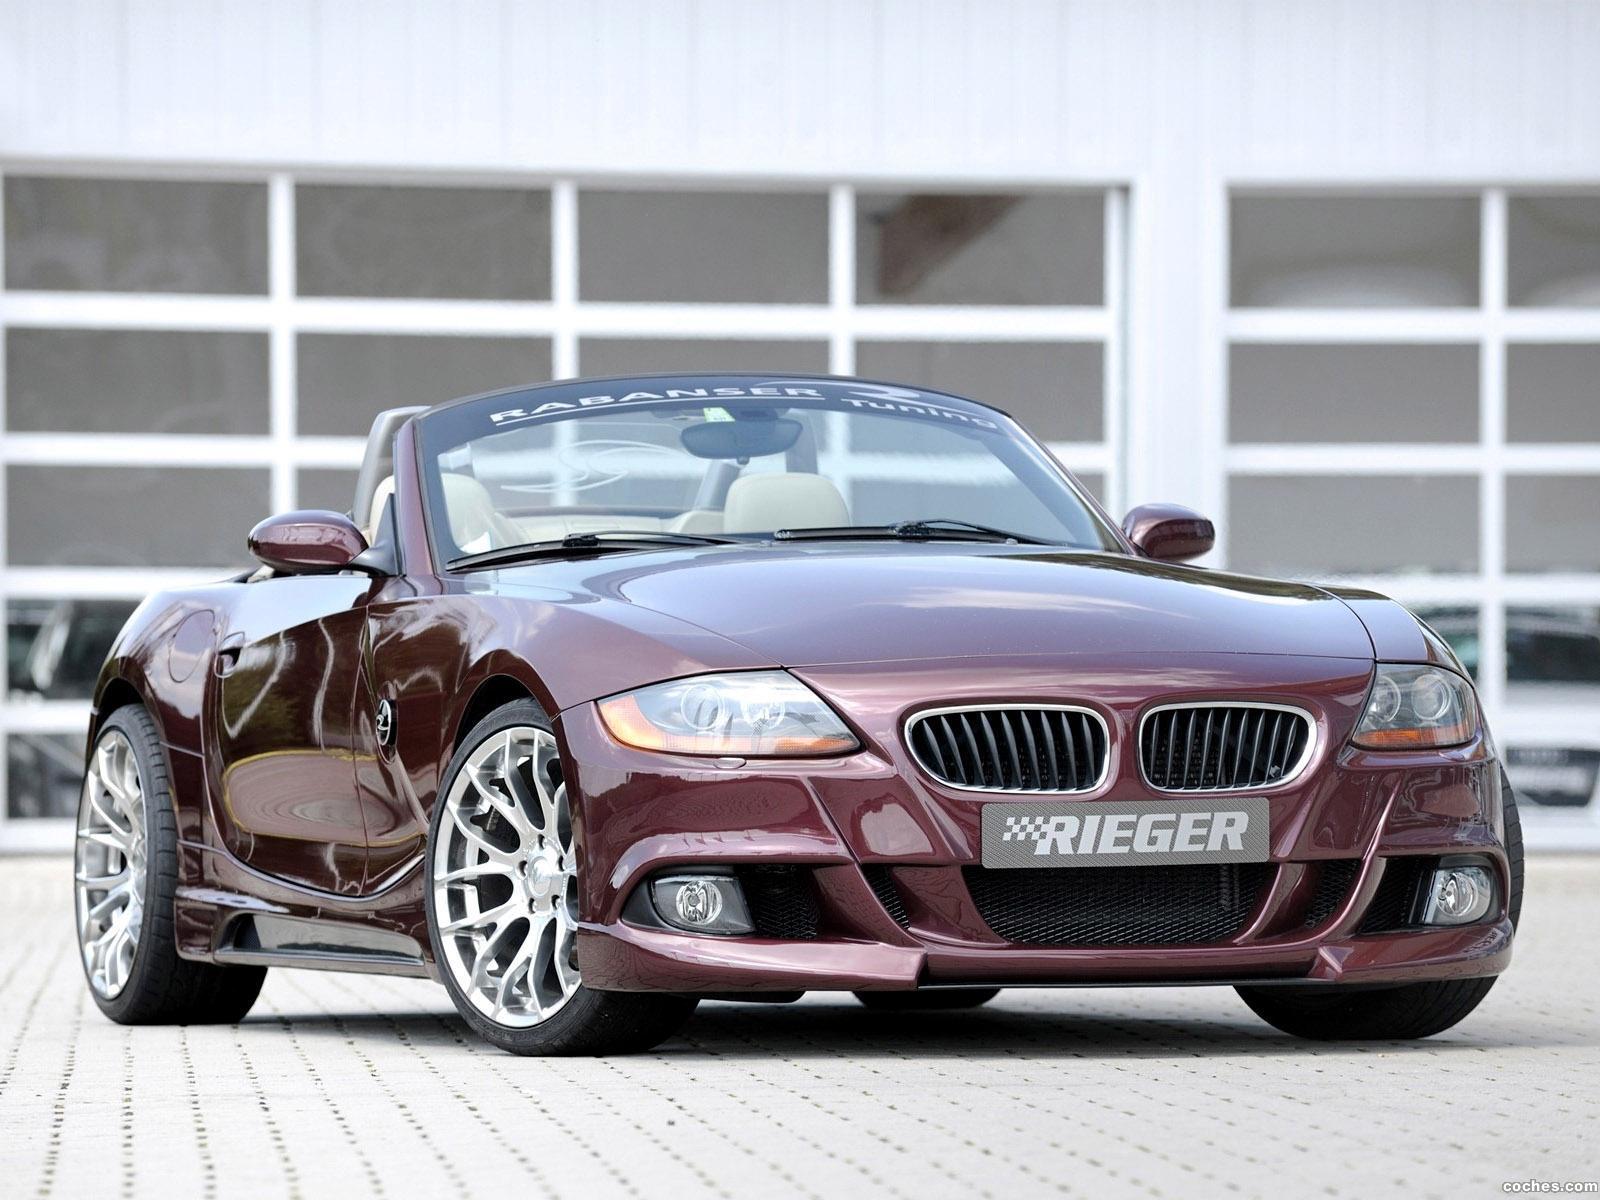 Foto 0 de BMW rieger Z4 Coupe E89 2010